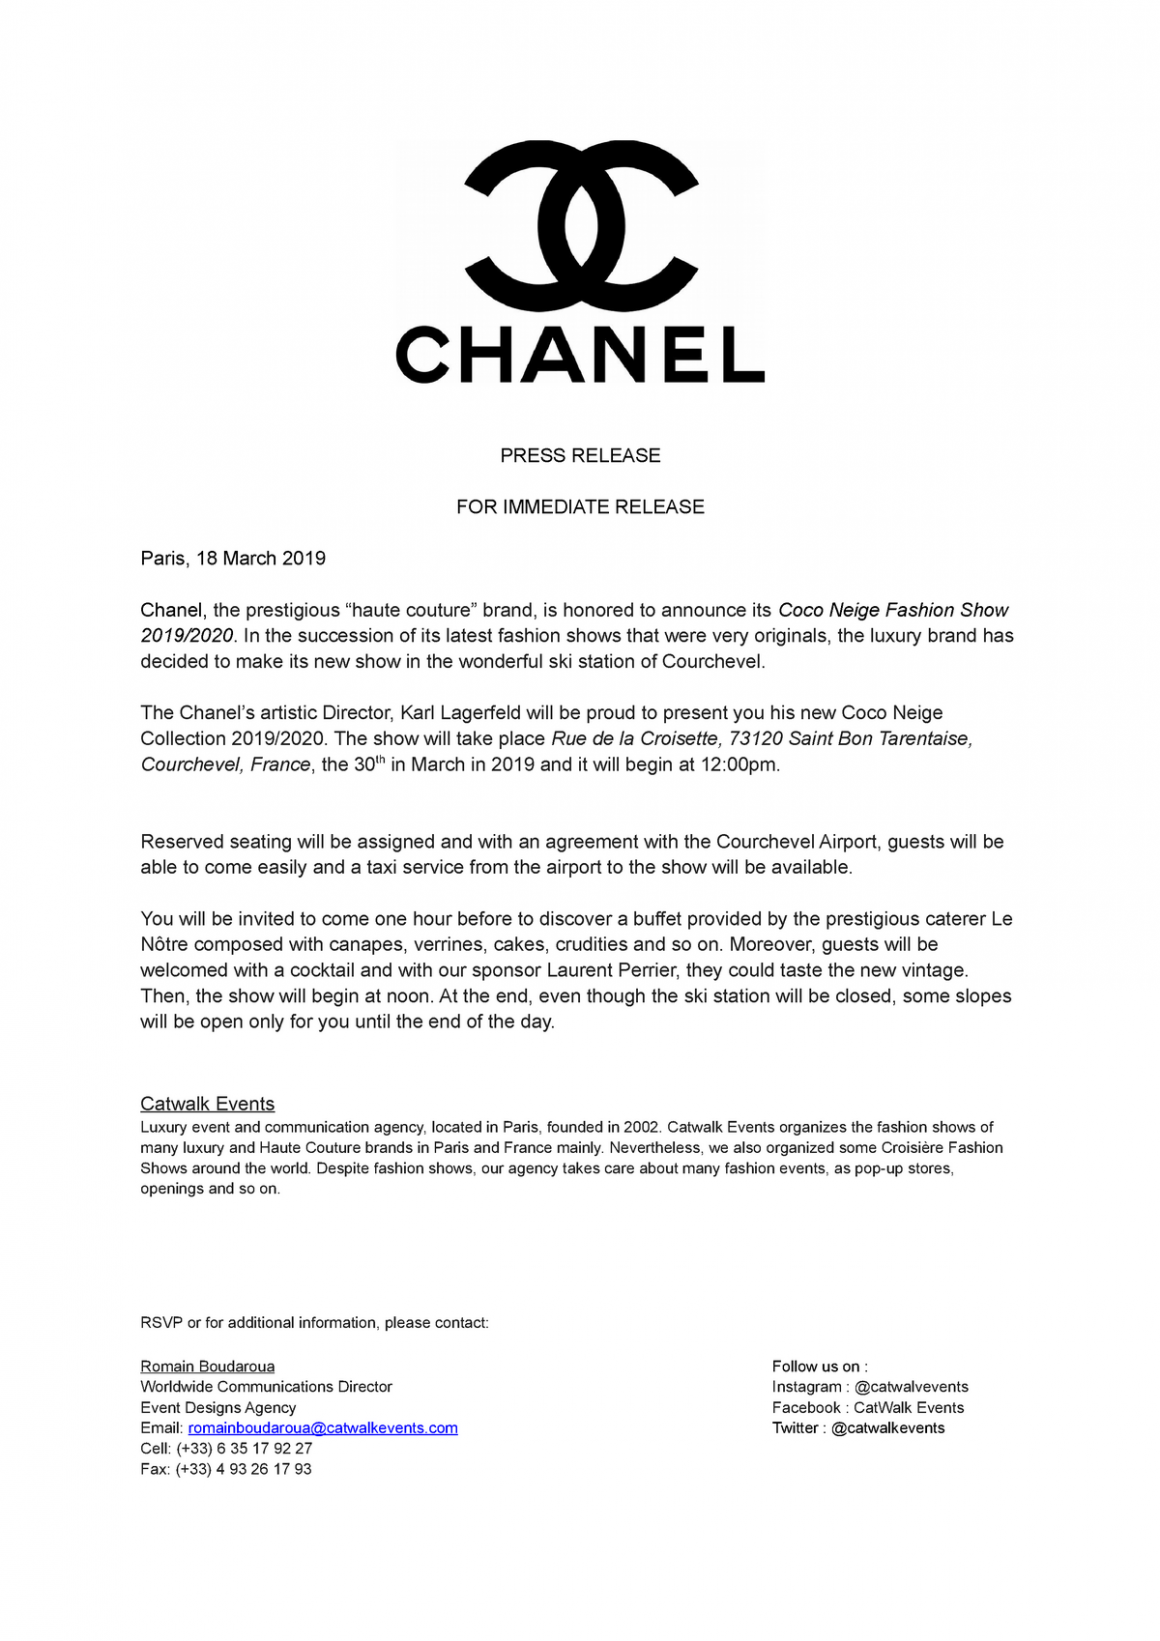 Fashion press release